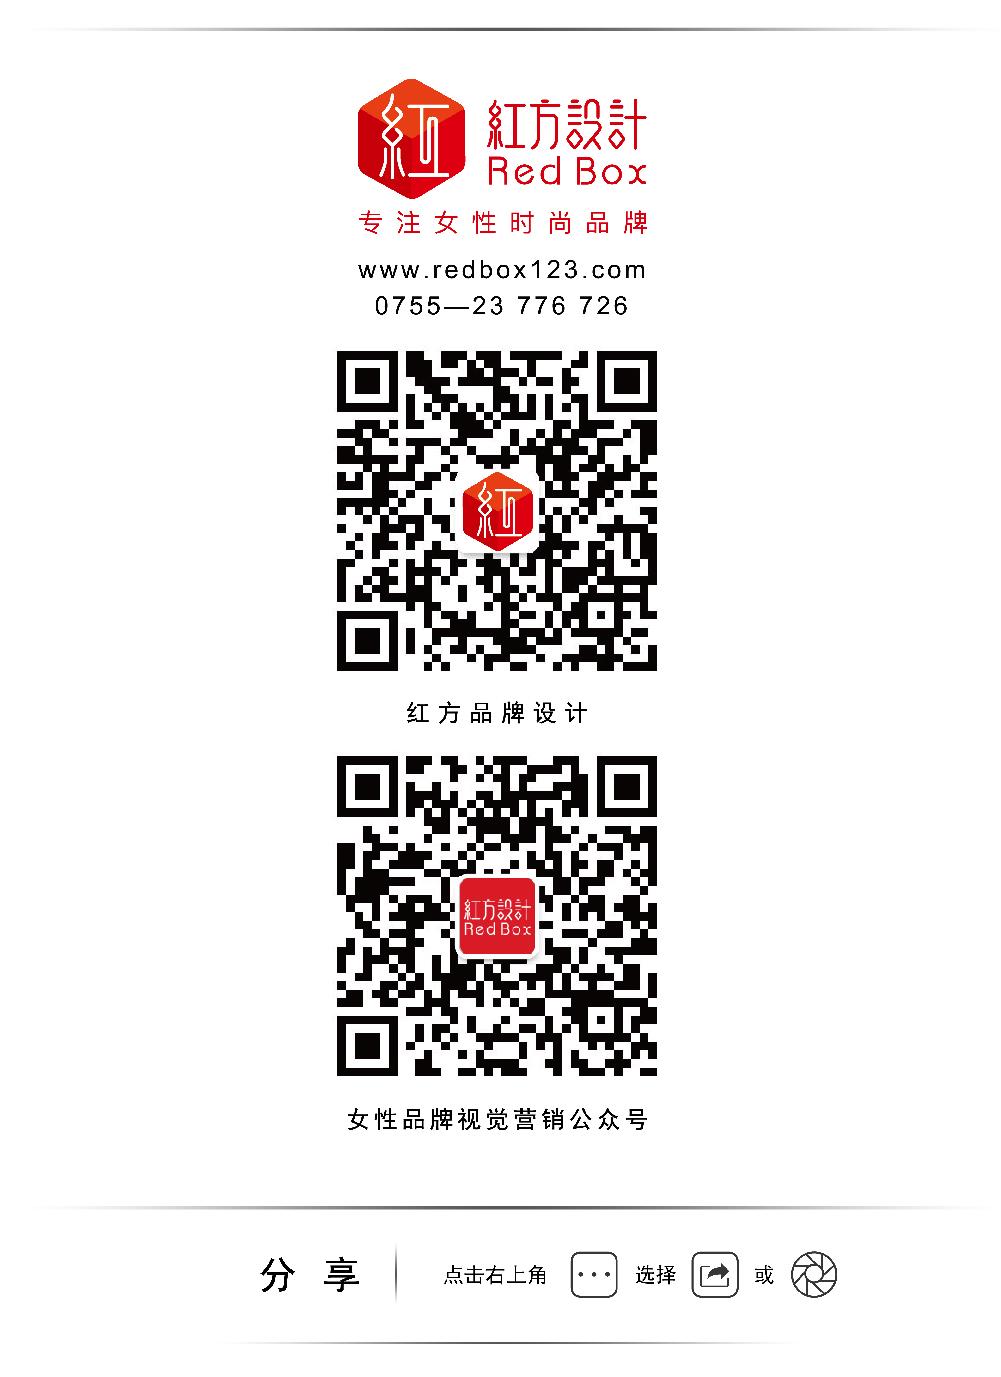 红方logoOK-10.jpg